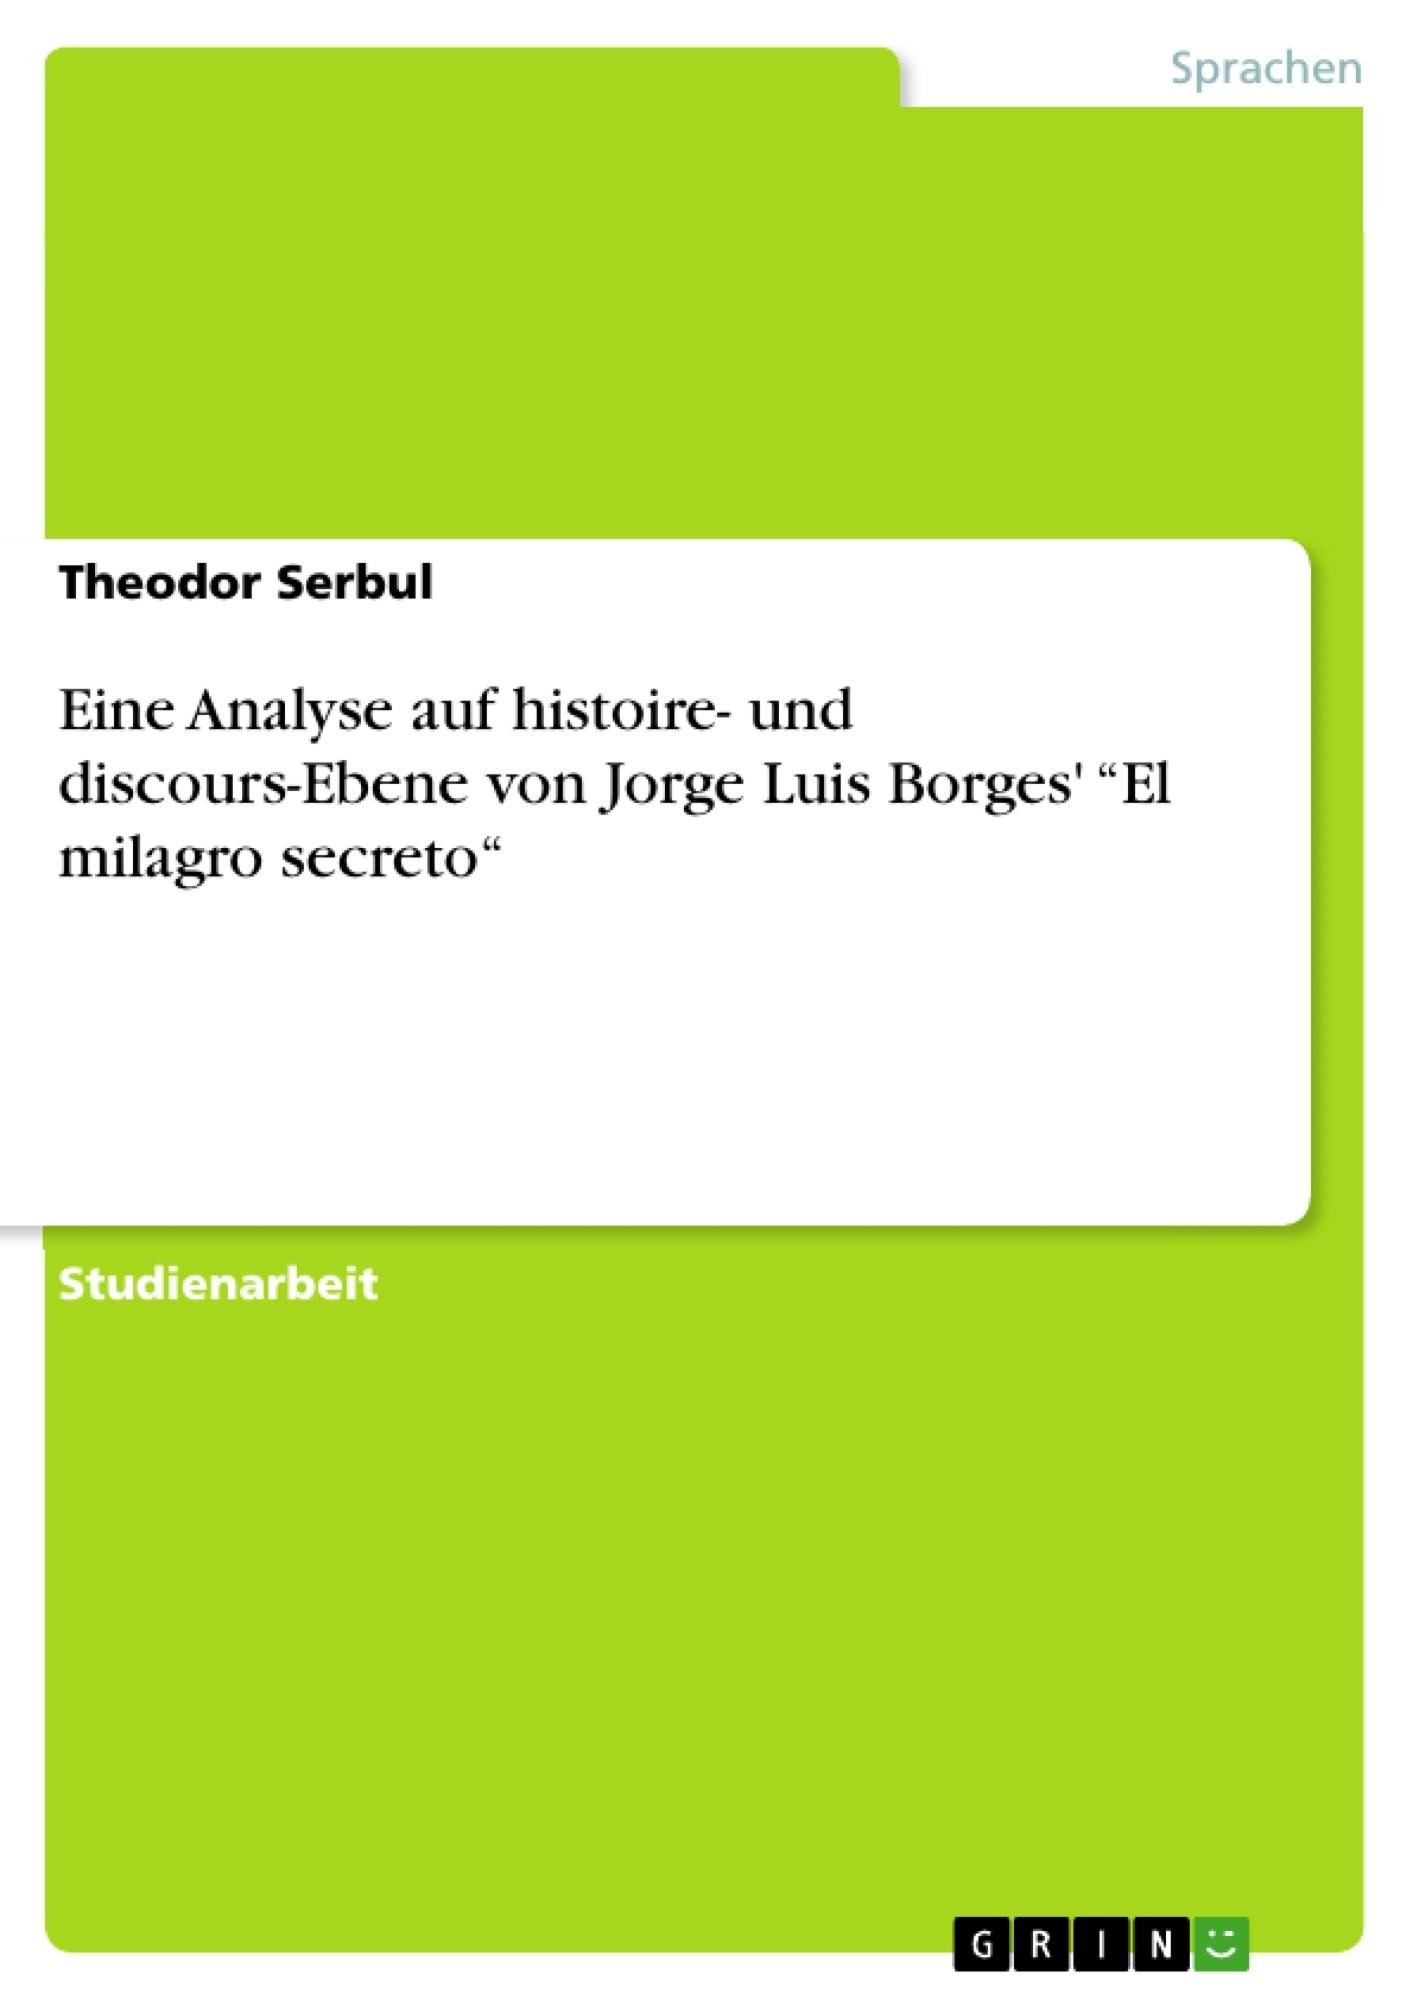 """Titel: Eine Analyse auf histoire- und discours-Ebene von Jorge Luis Borges' """"El milagro secreto"""""""